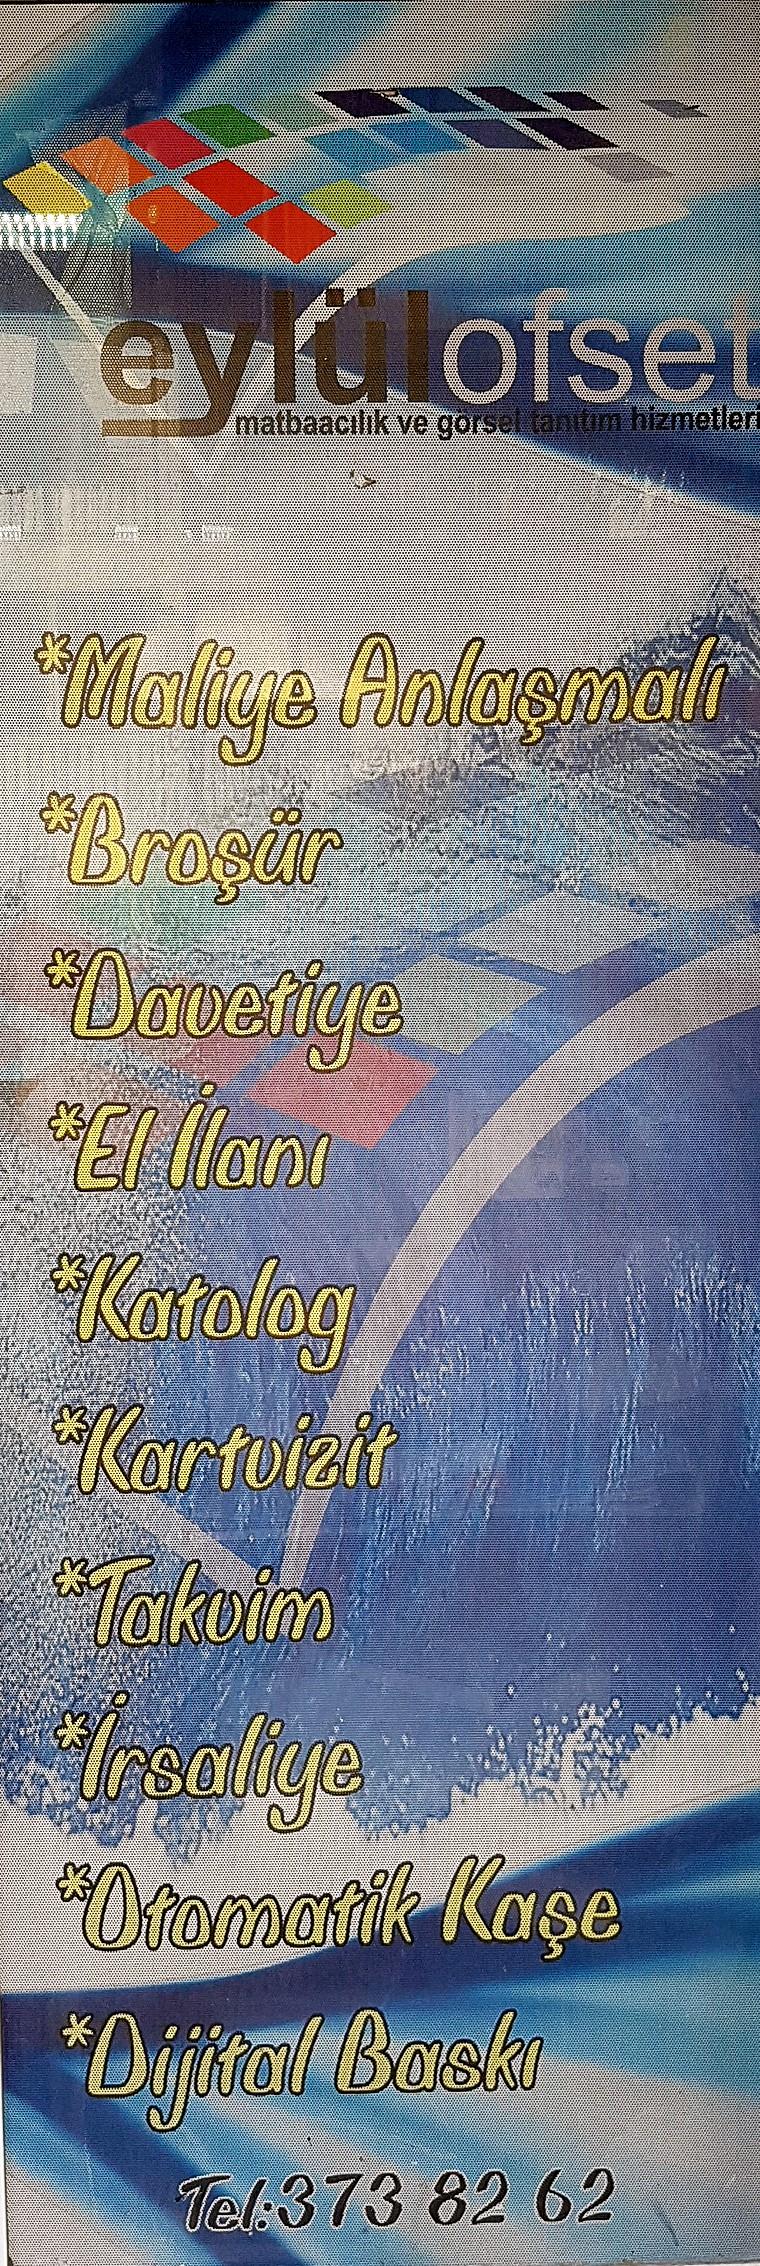 İzmir Ofset Matbaa 0 232 373 8262 davetiye el ilanı broşür (3)